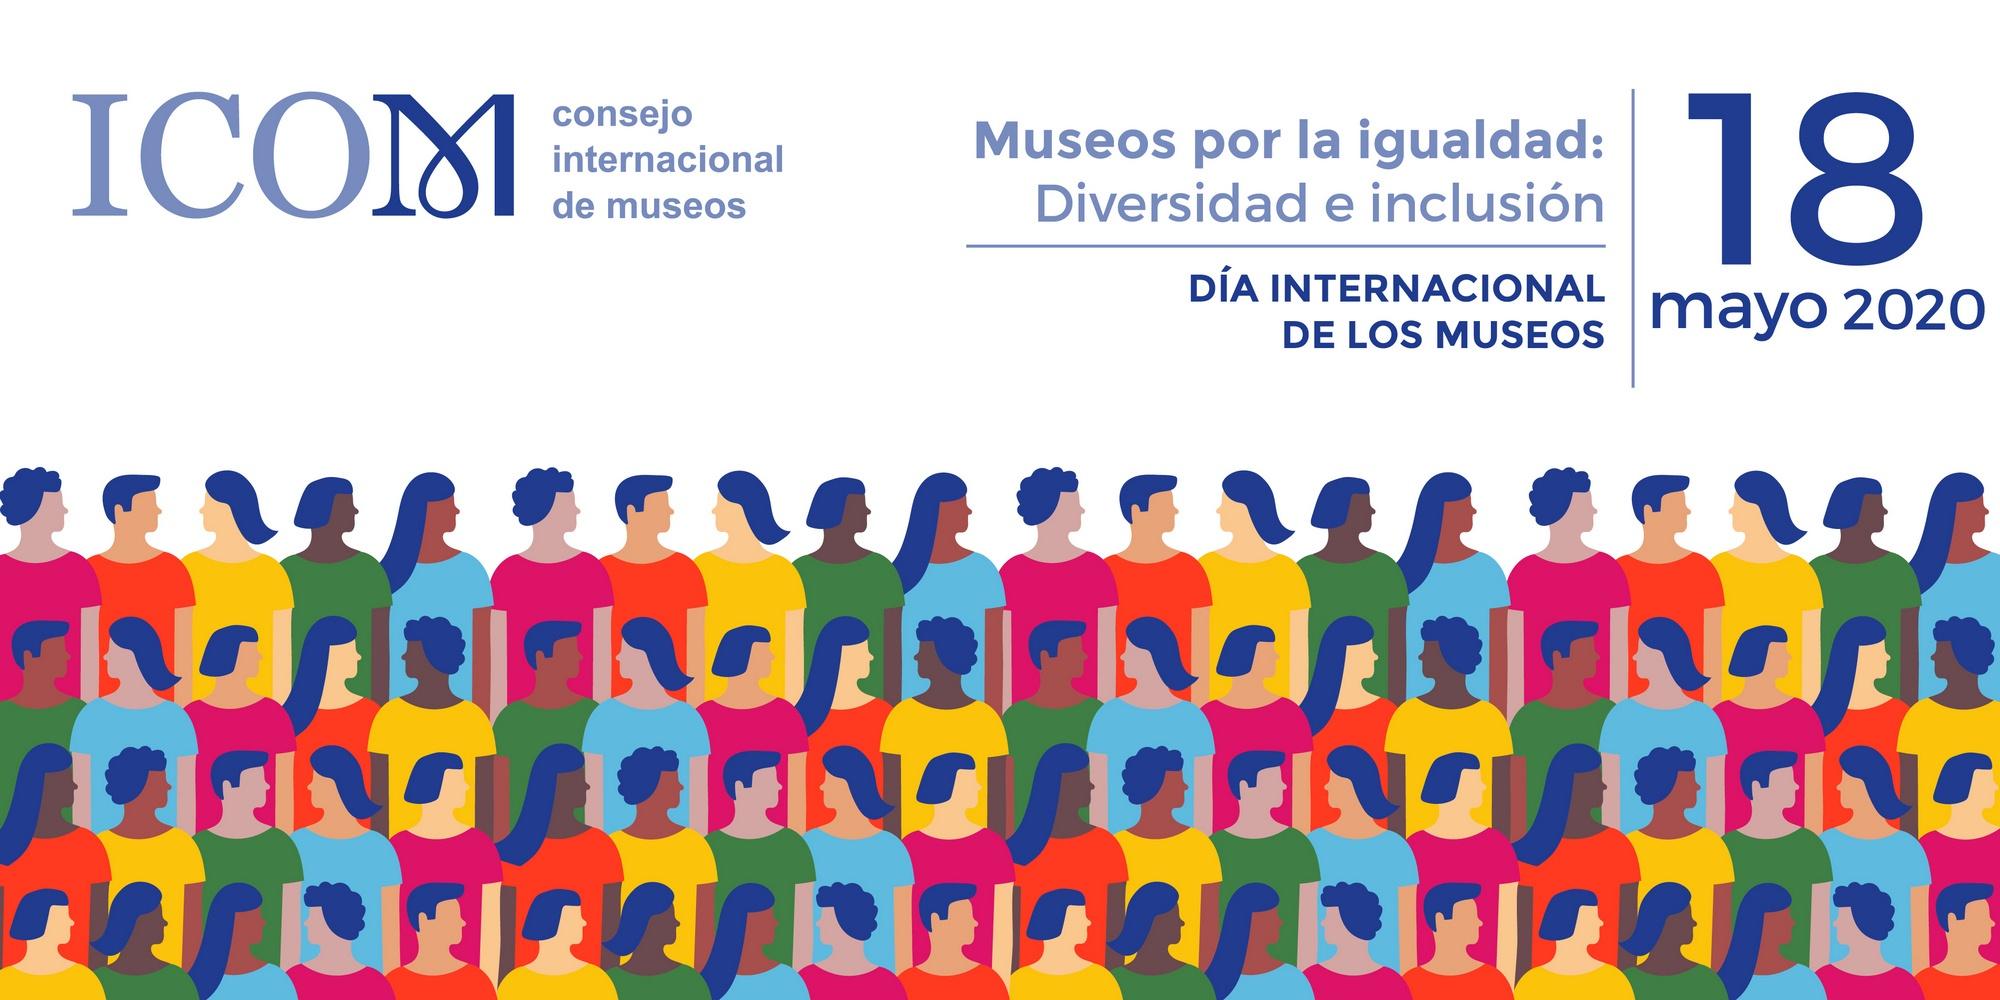 Imagen oficial del Día Internacional de los Museos 2020